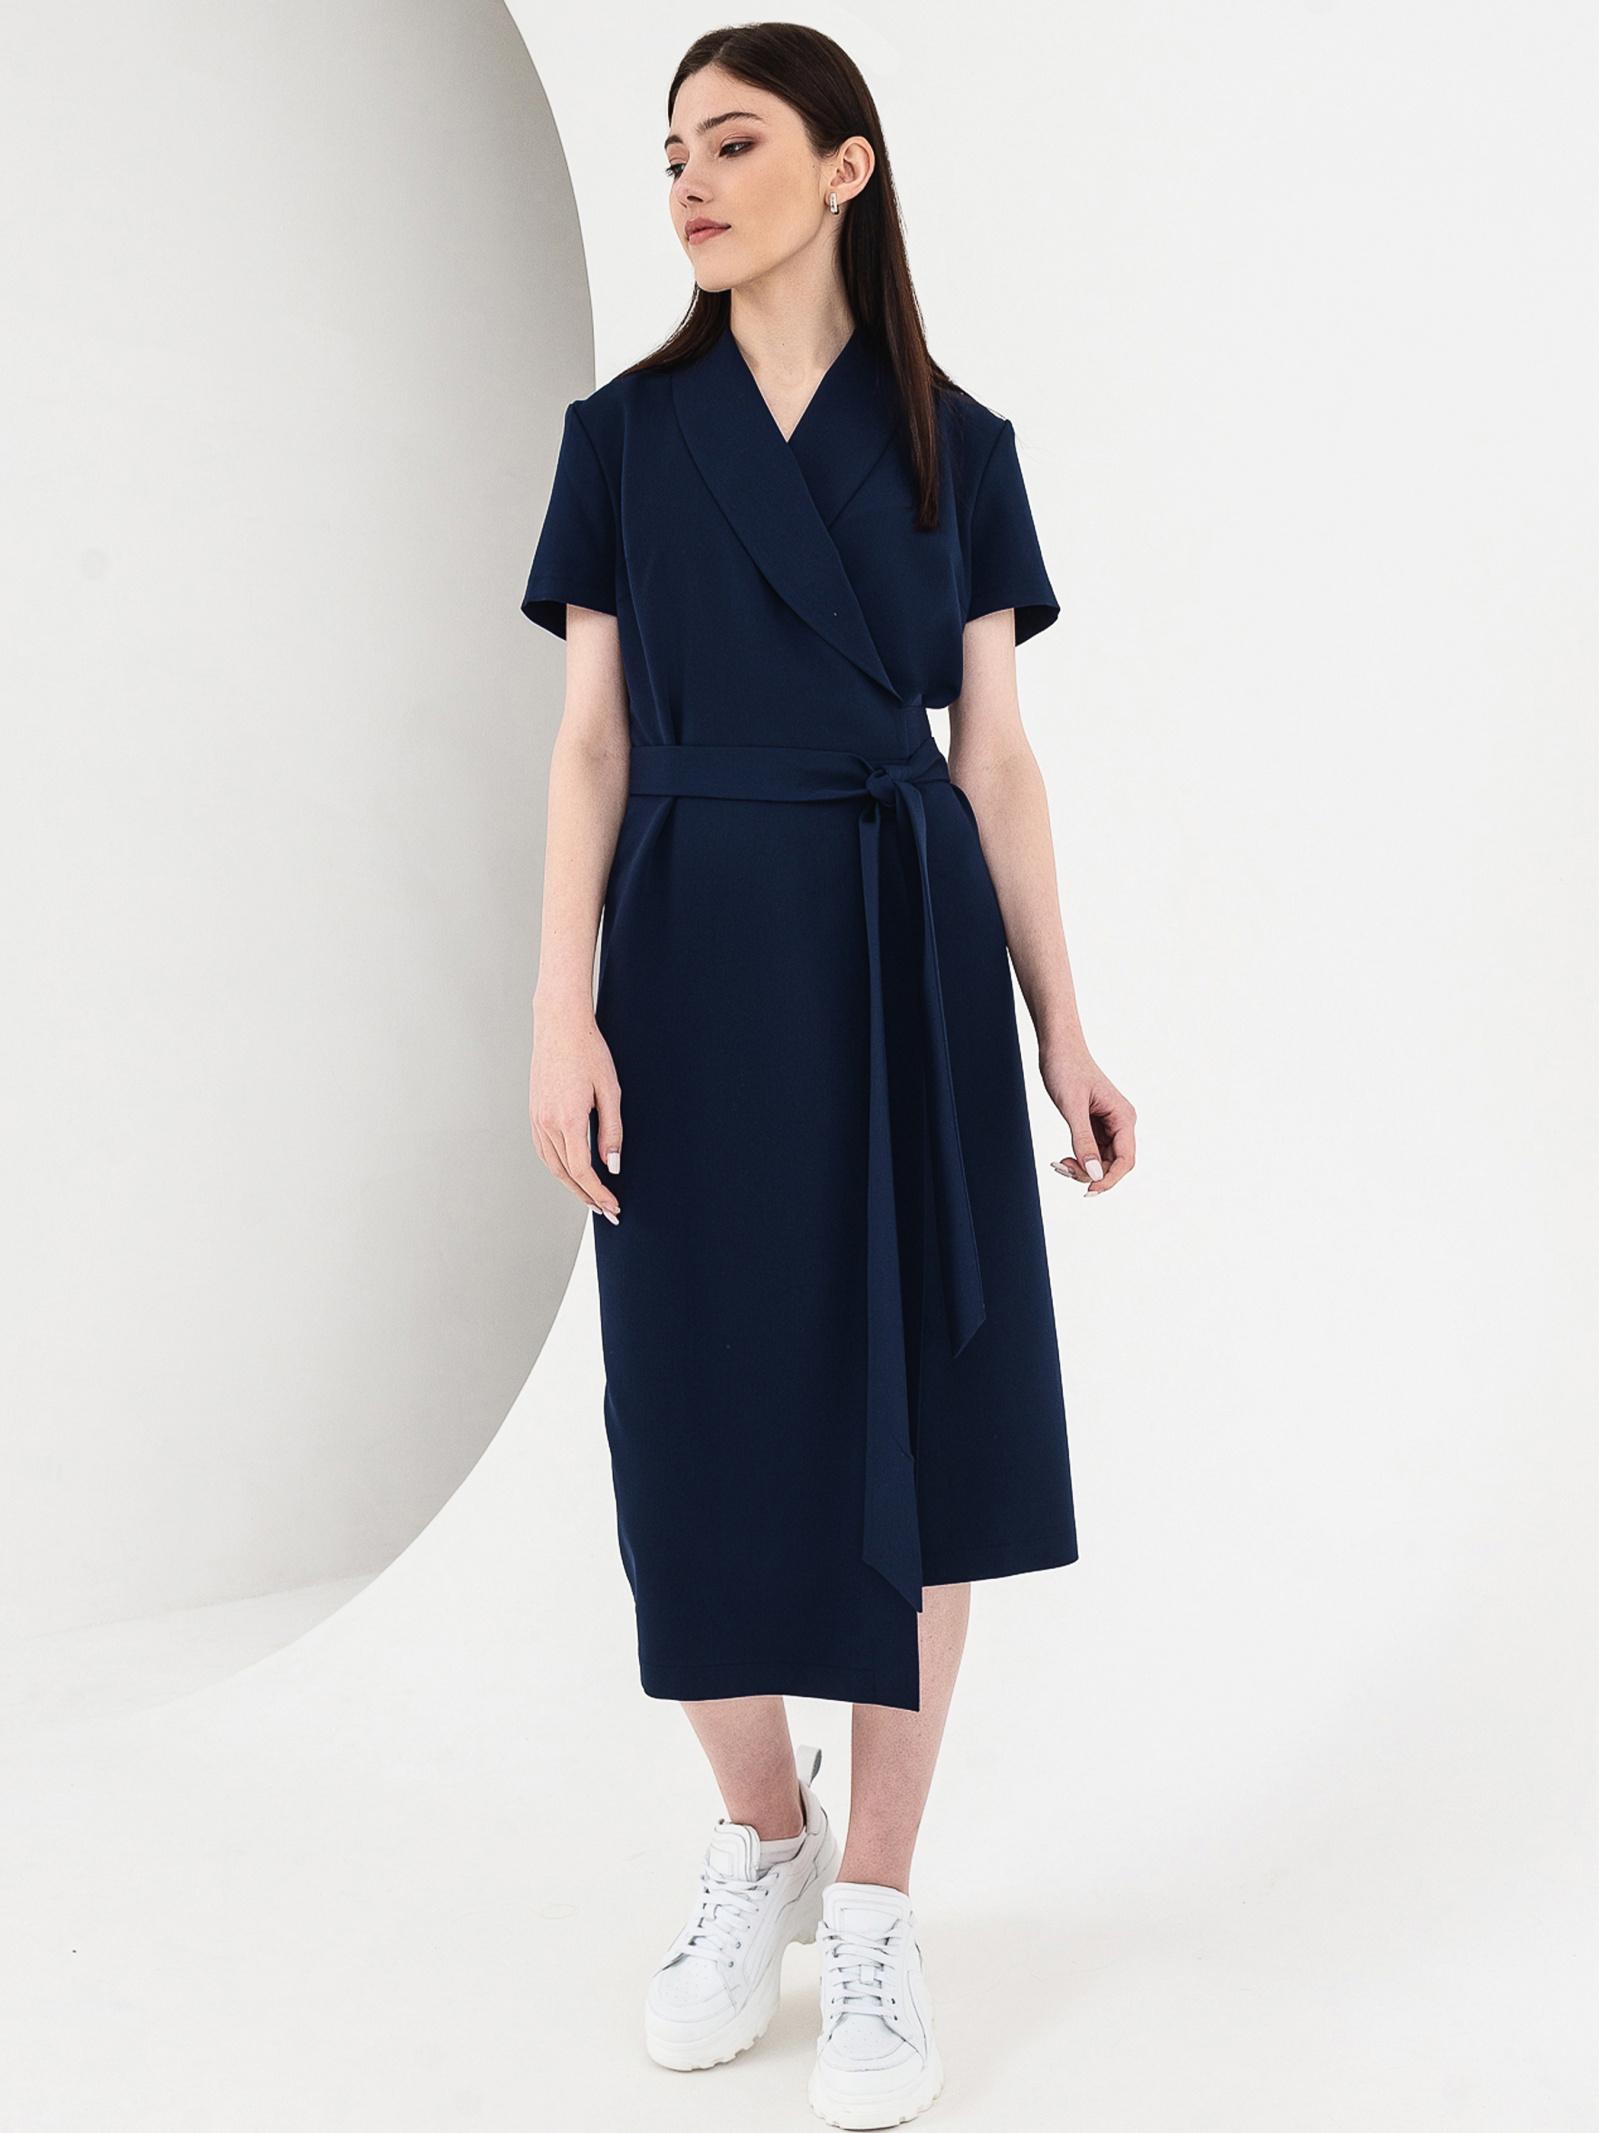 VOVK Сукня жіночі модель 07212 синій придбати, 2017